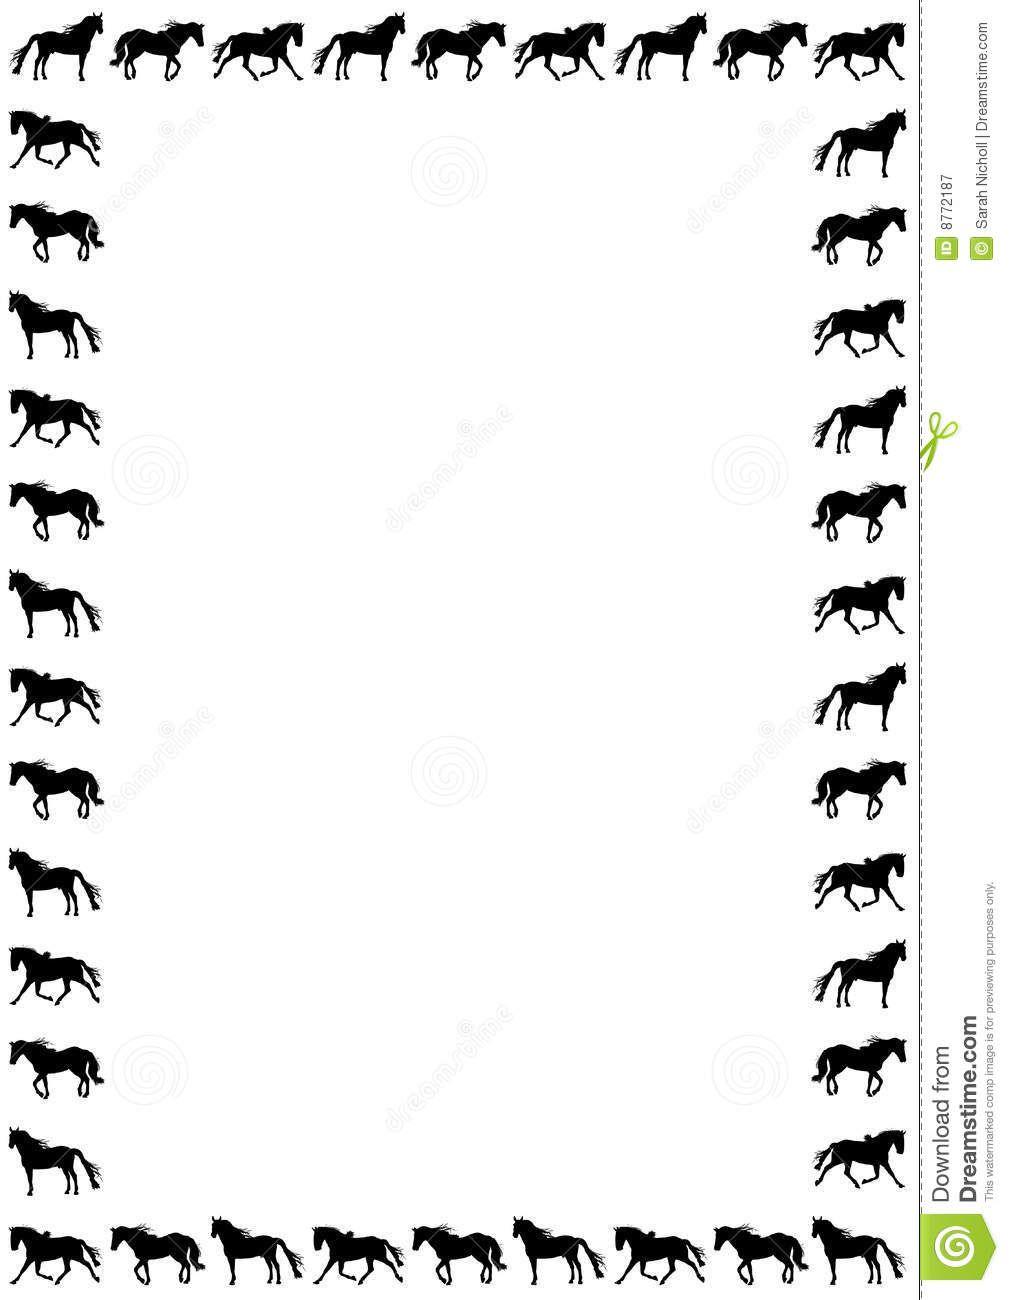 Horses clipart boarder. Horse border clip art